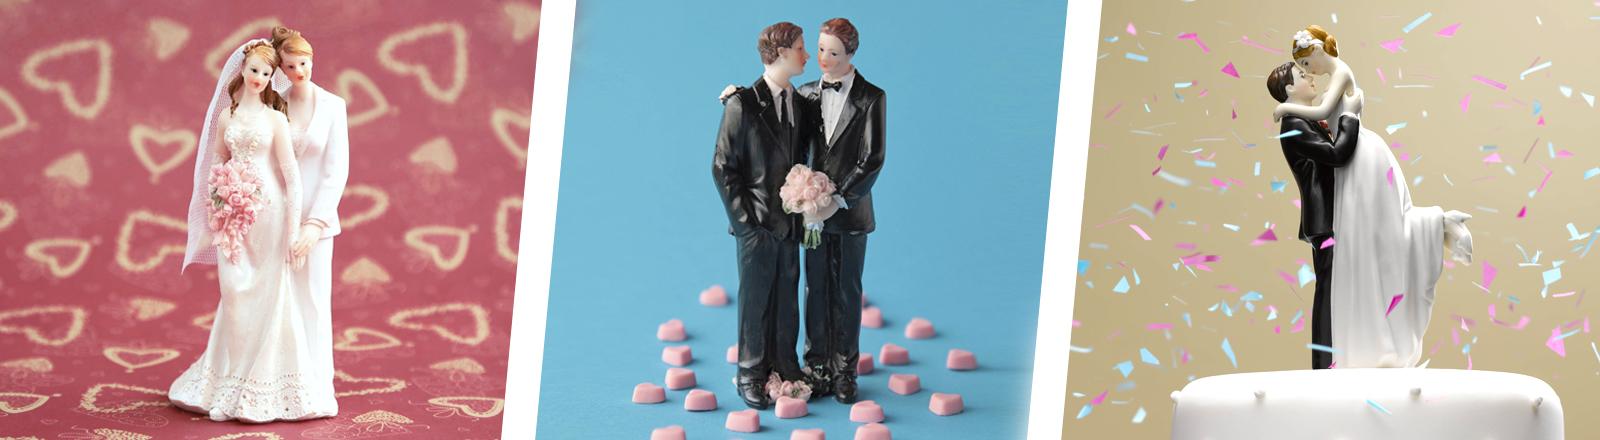 Collage: Hochzeitsfiguren, homo- und hetereosexuelle Paare